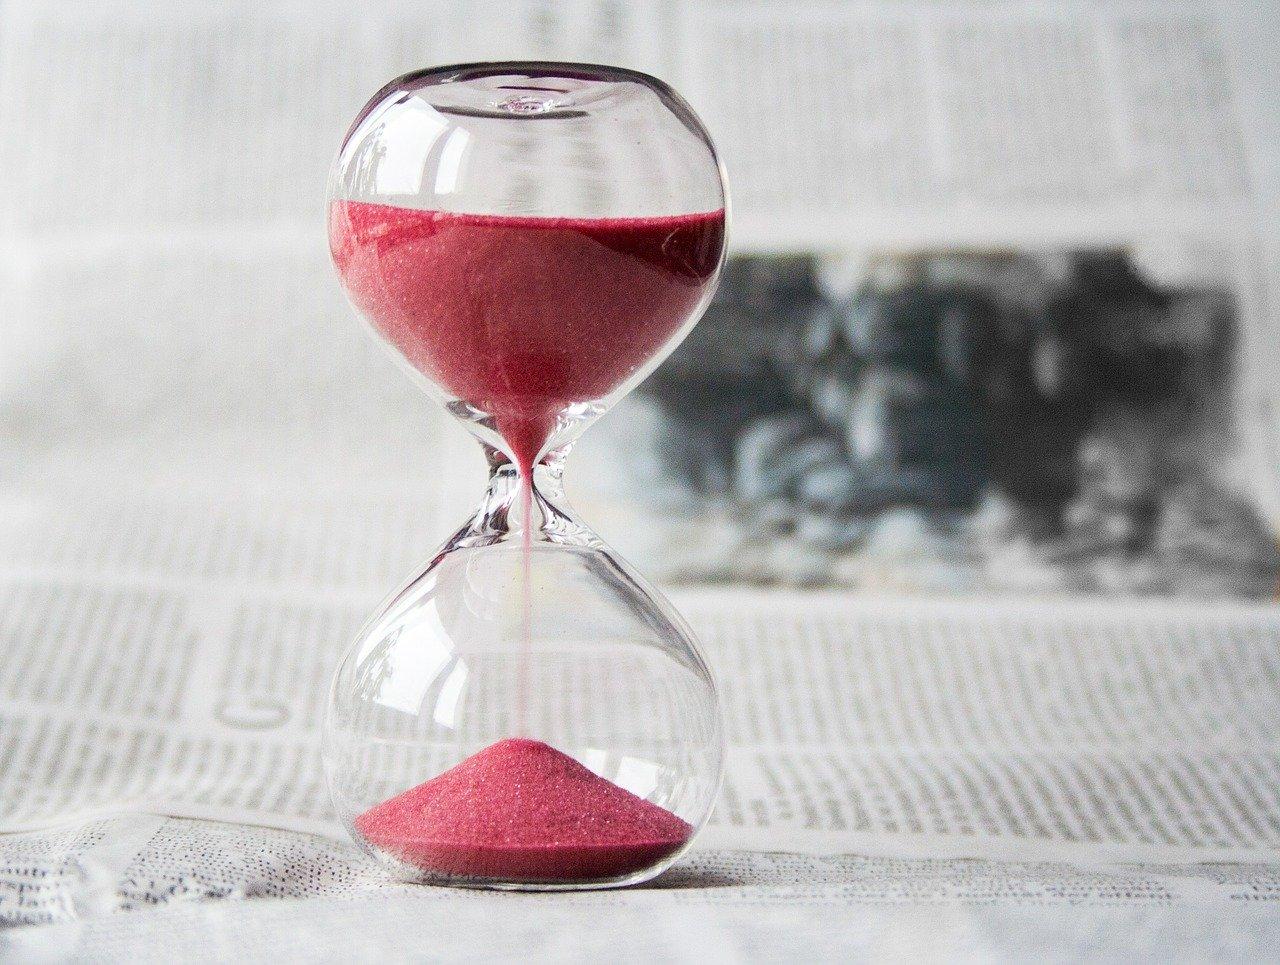 Kako prestati odugovlačiti? Iskoristite pravilo 120 sekundi